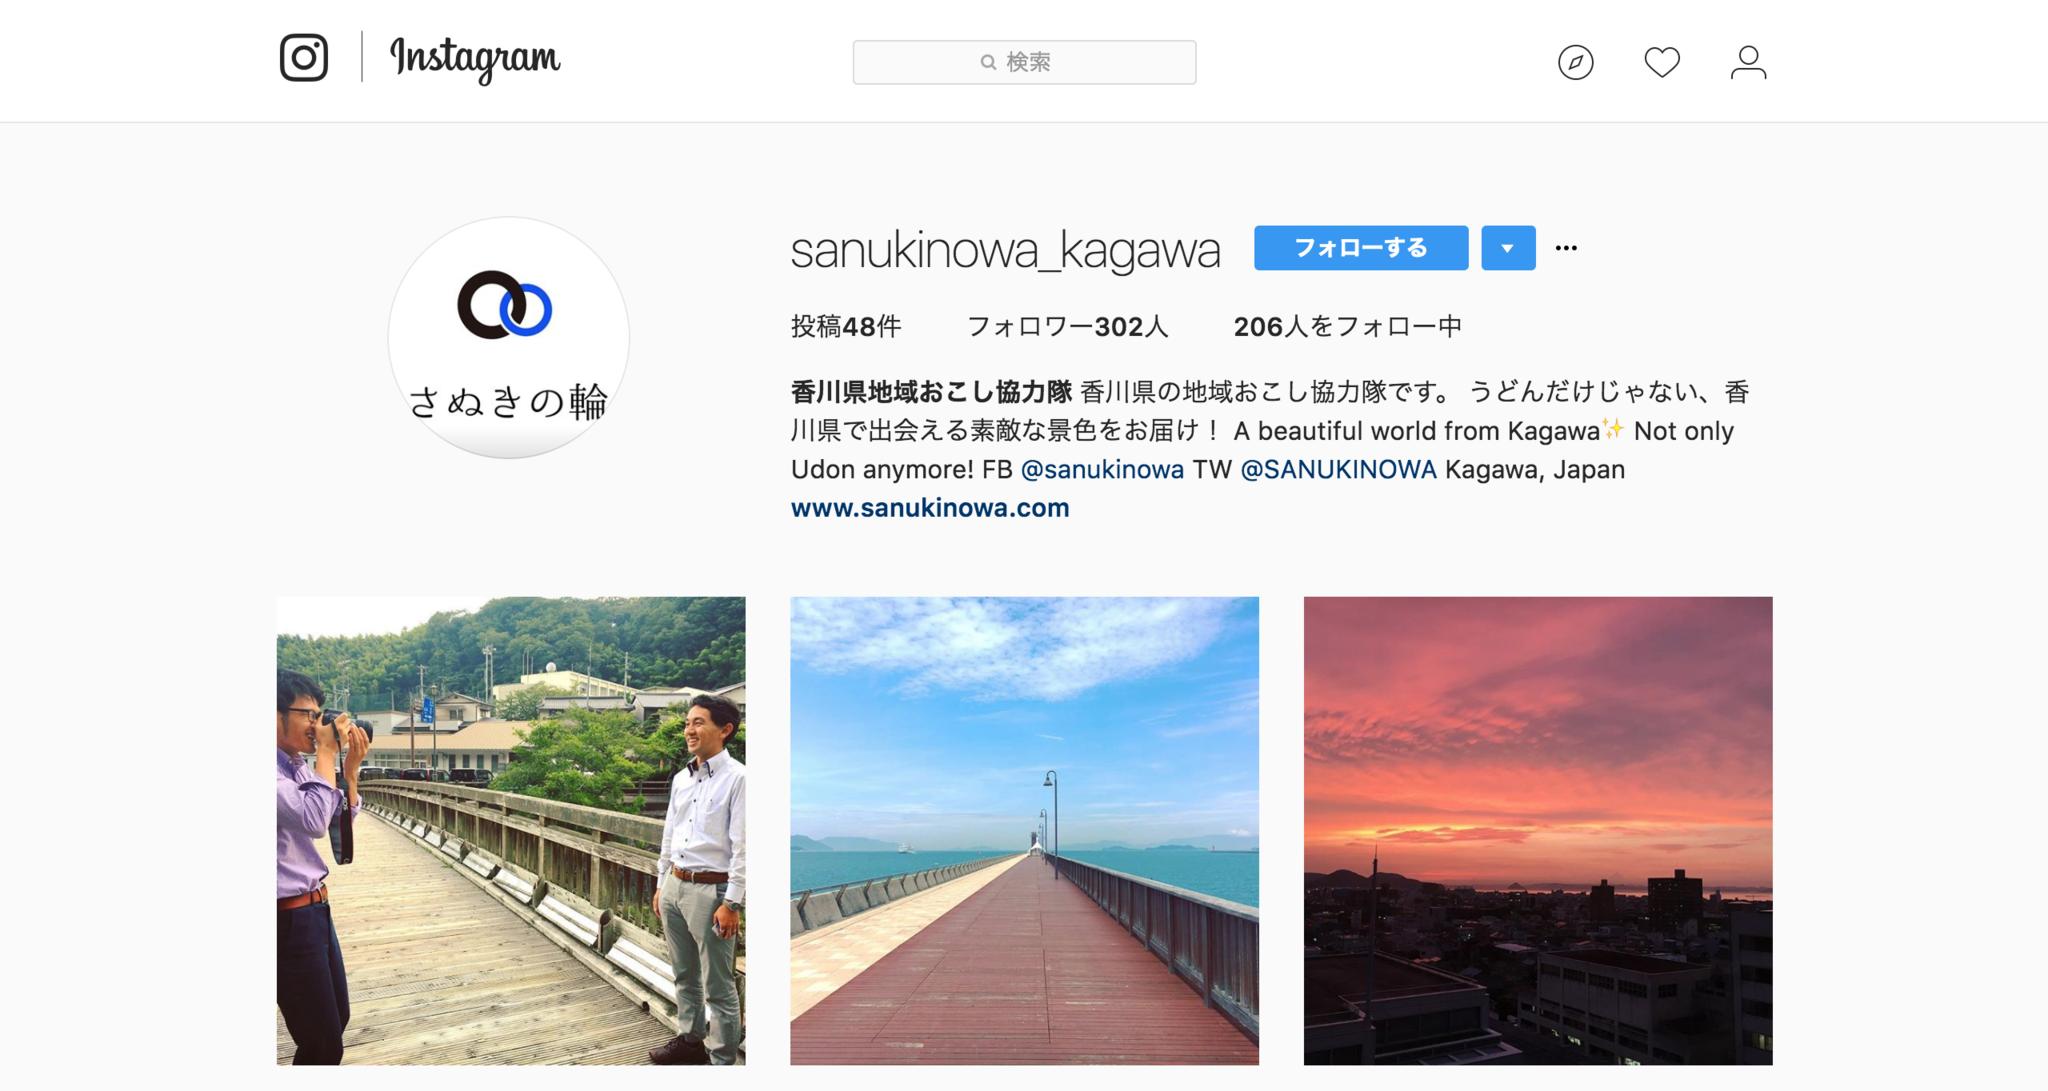 香川県地域おこし協力隊さん__sanukinowa_kagawa__•_Instagram写真と動画.png